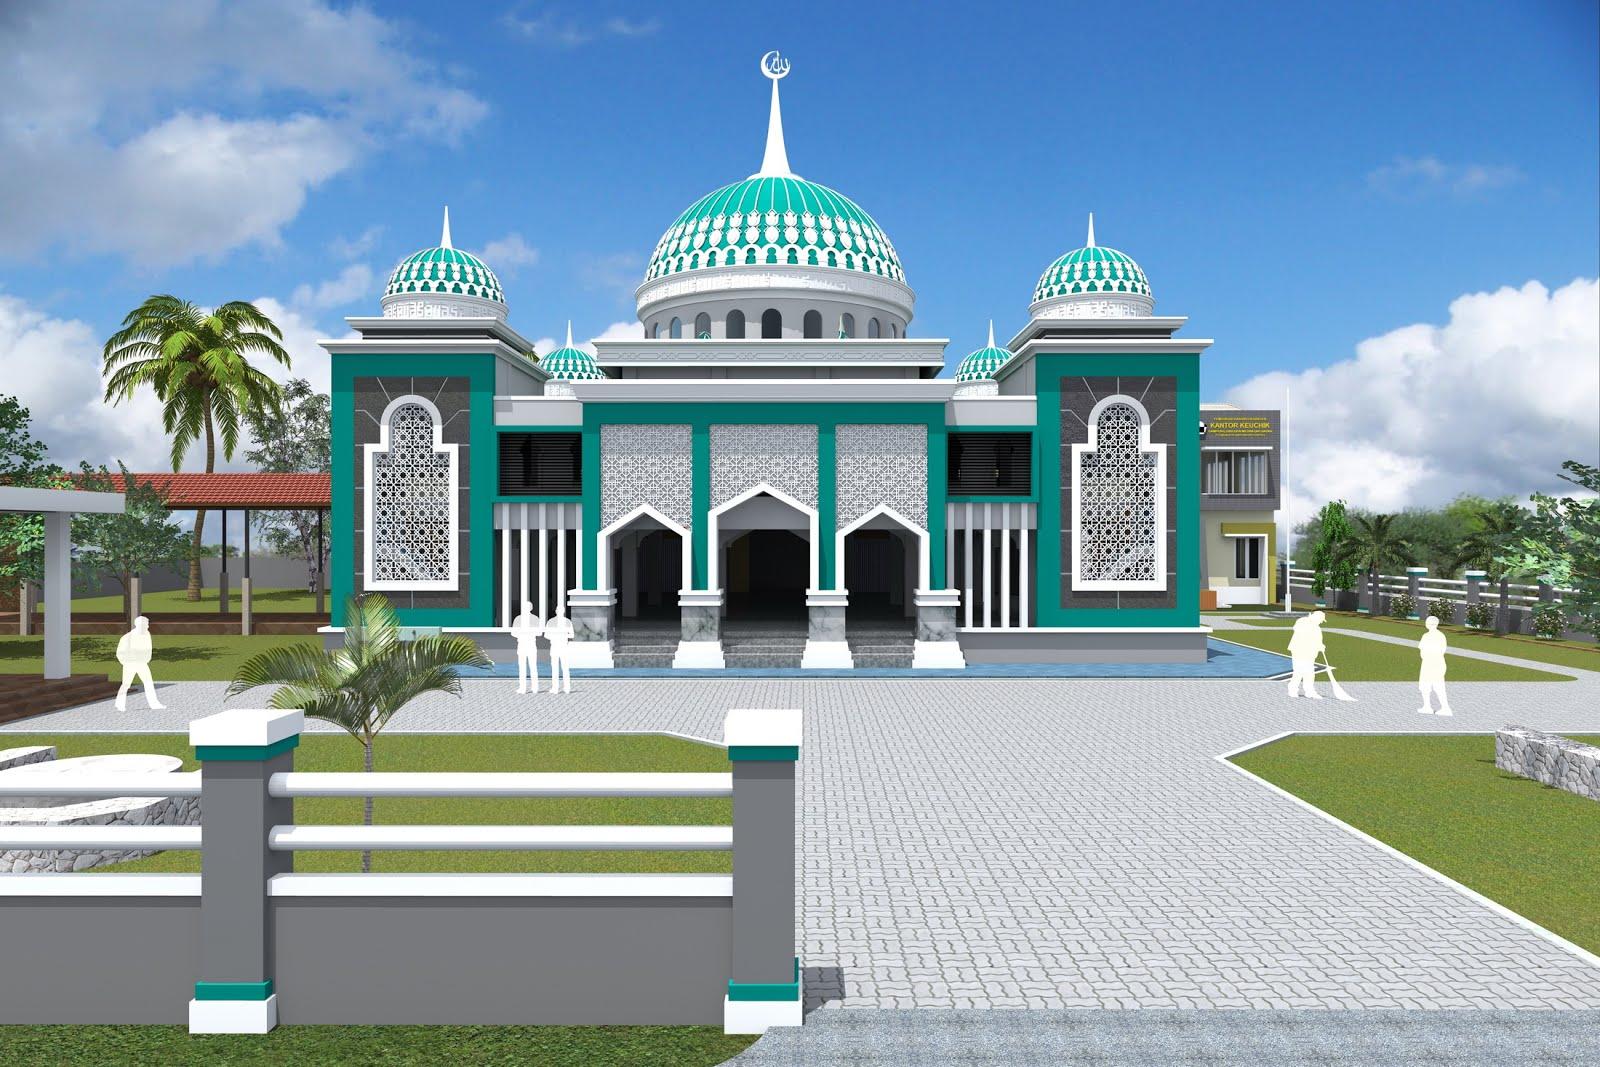 30 mô hình nhà thờ Hồi giáo tối giản với các mô hình nhà thờ Hồi giáo hiện đại từ